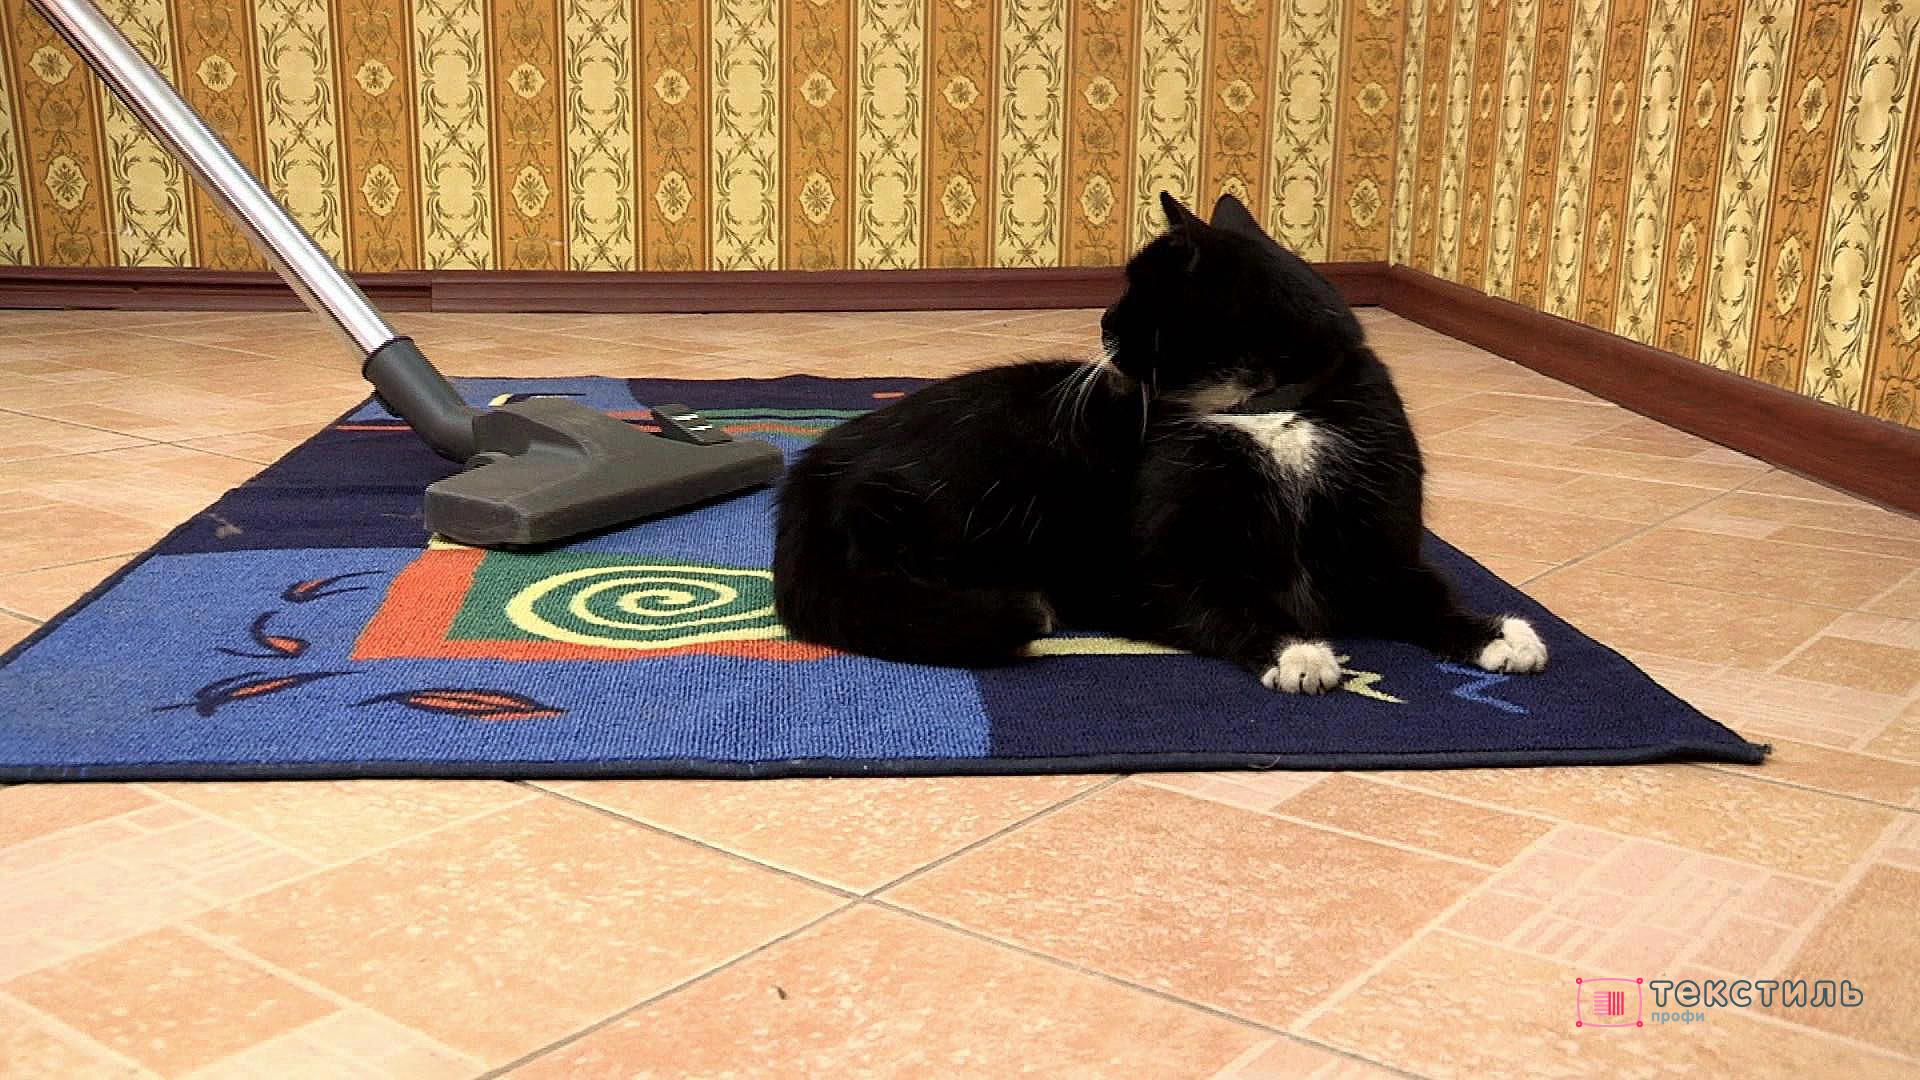 Как очистить ковер от «проделок» котов: гид по уборке кошачьей рвоты, экскрементов и мочи